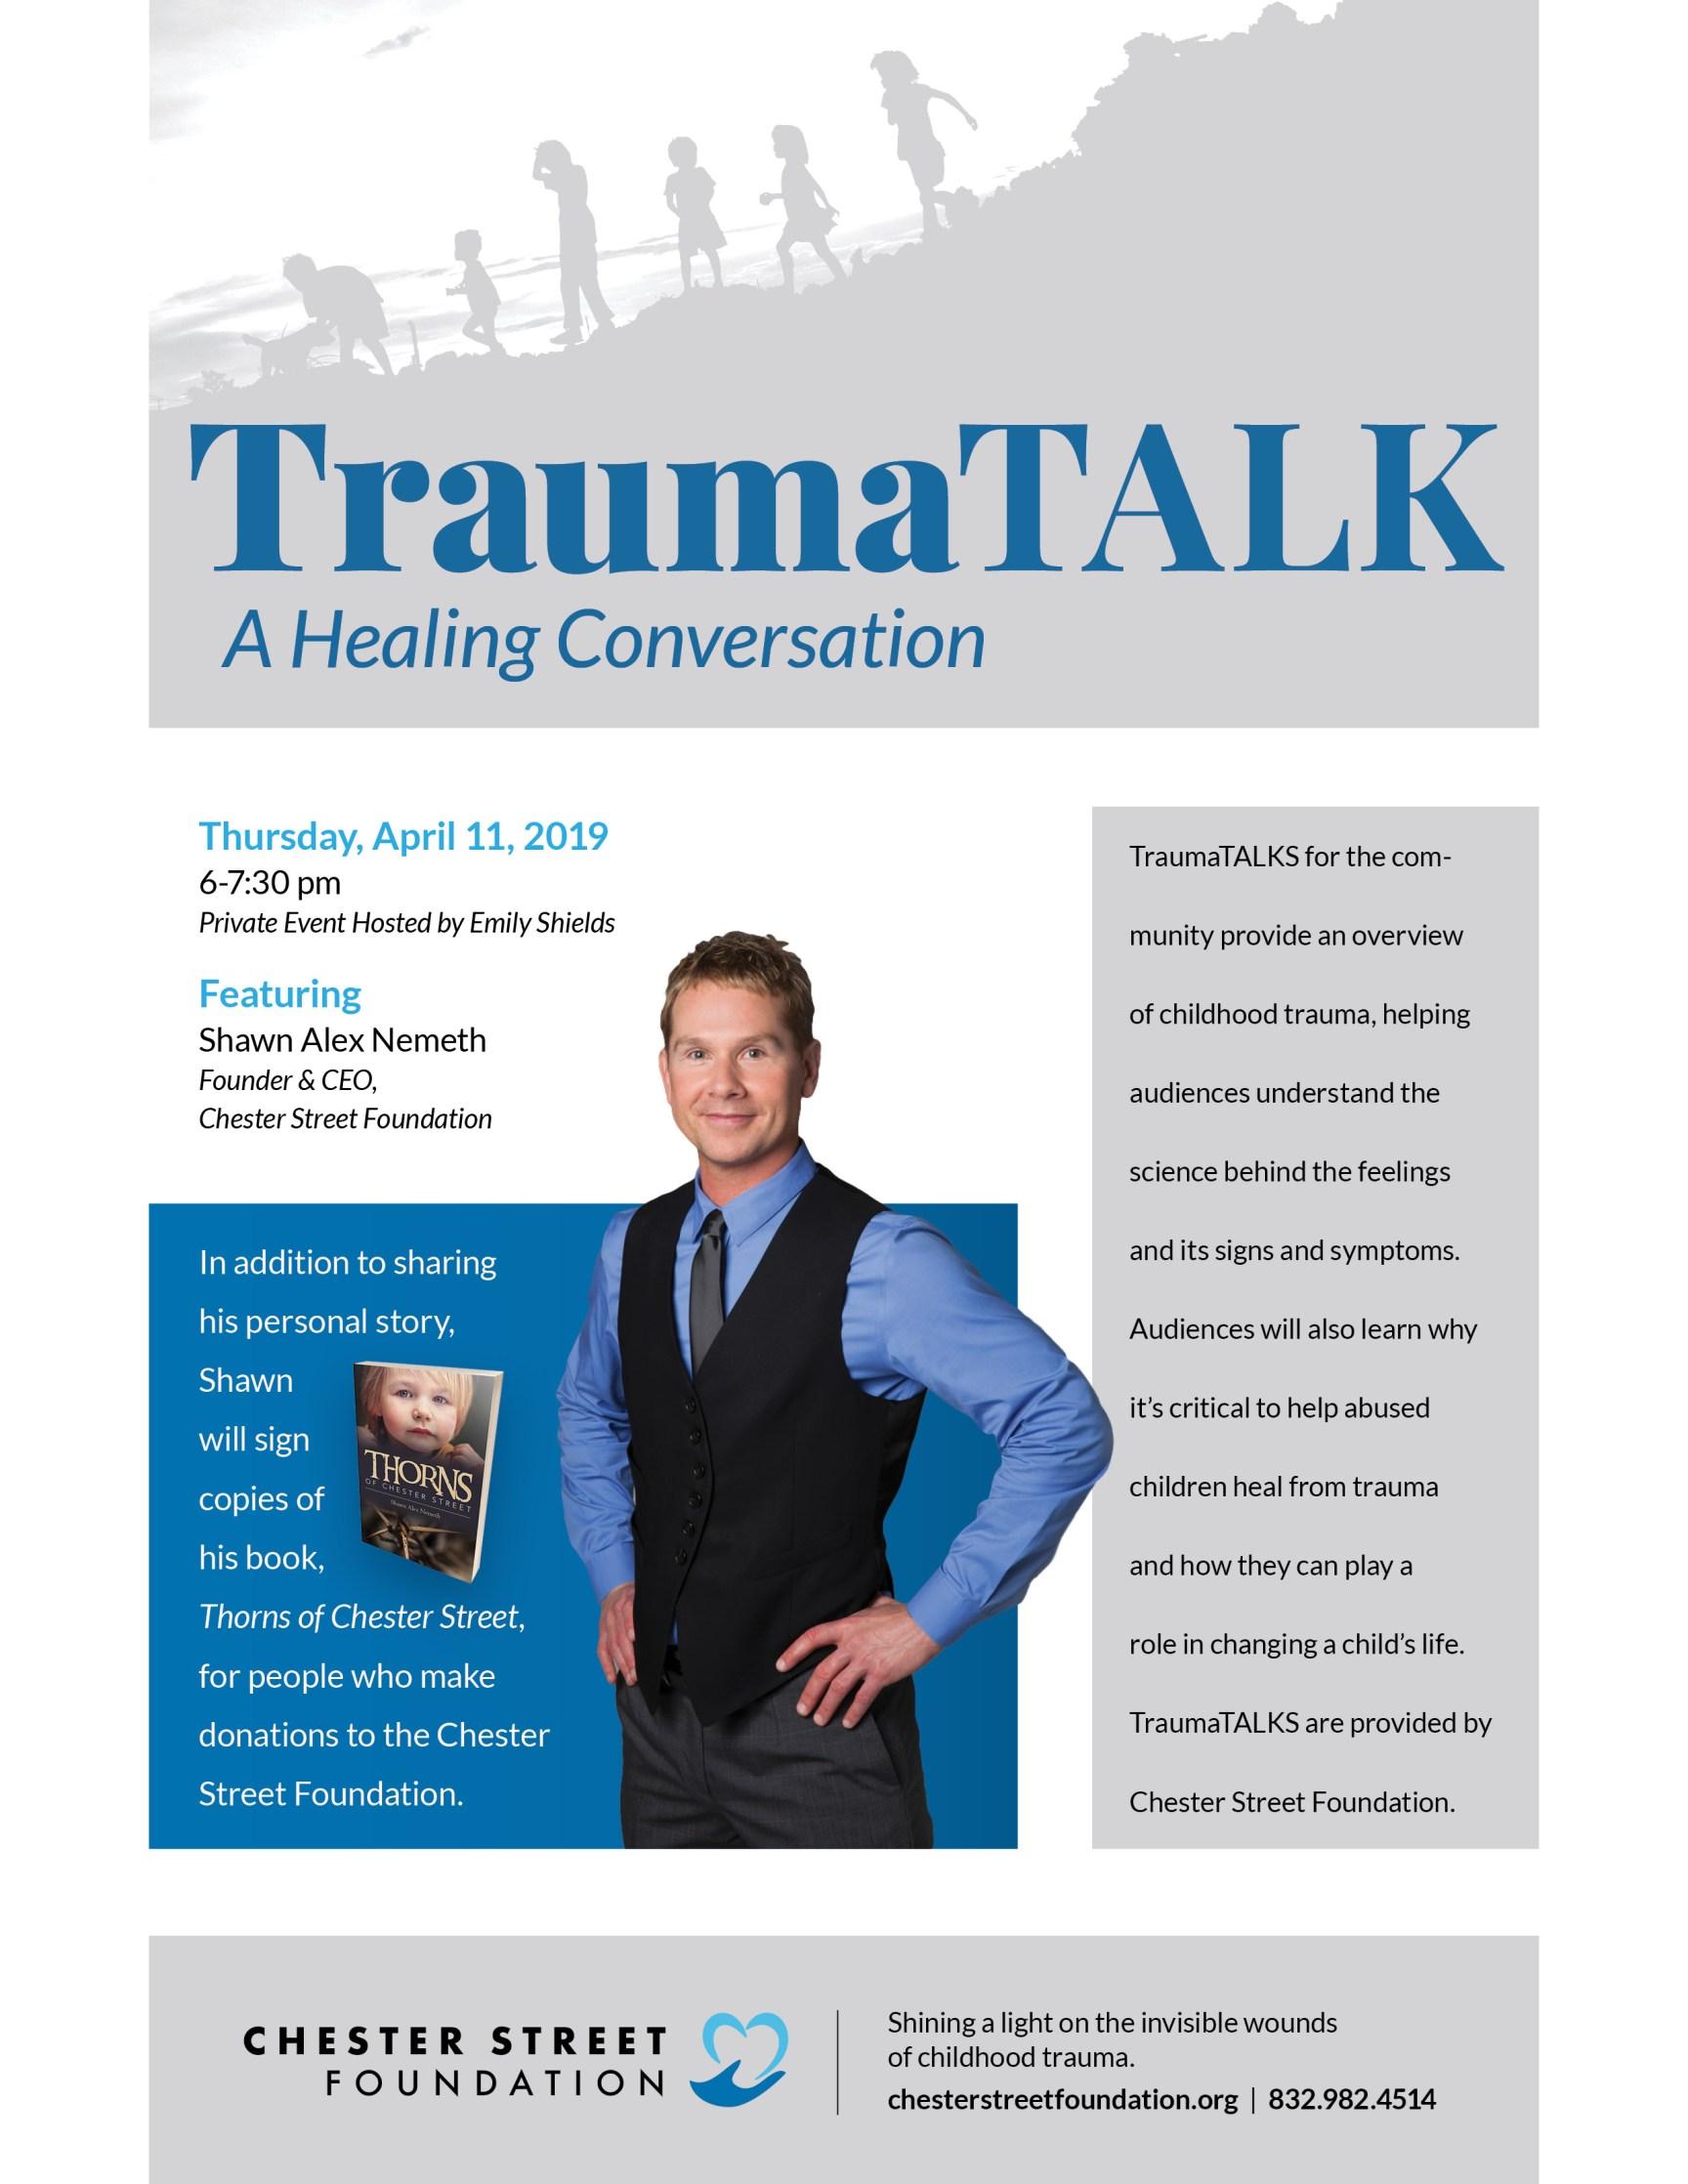 TraumaTALK: A Healing Conversation